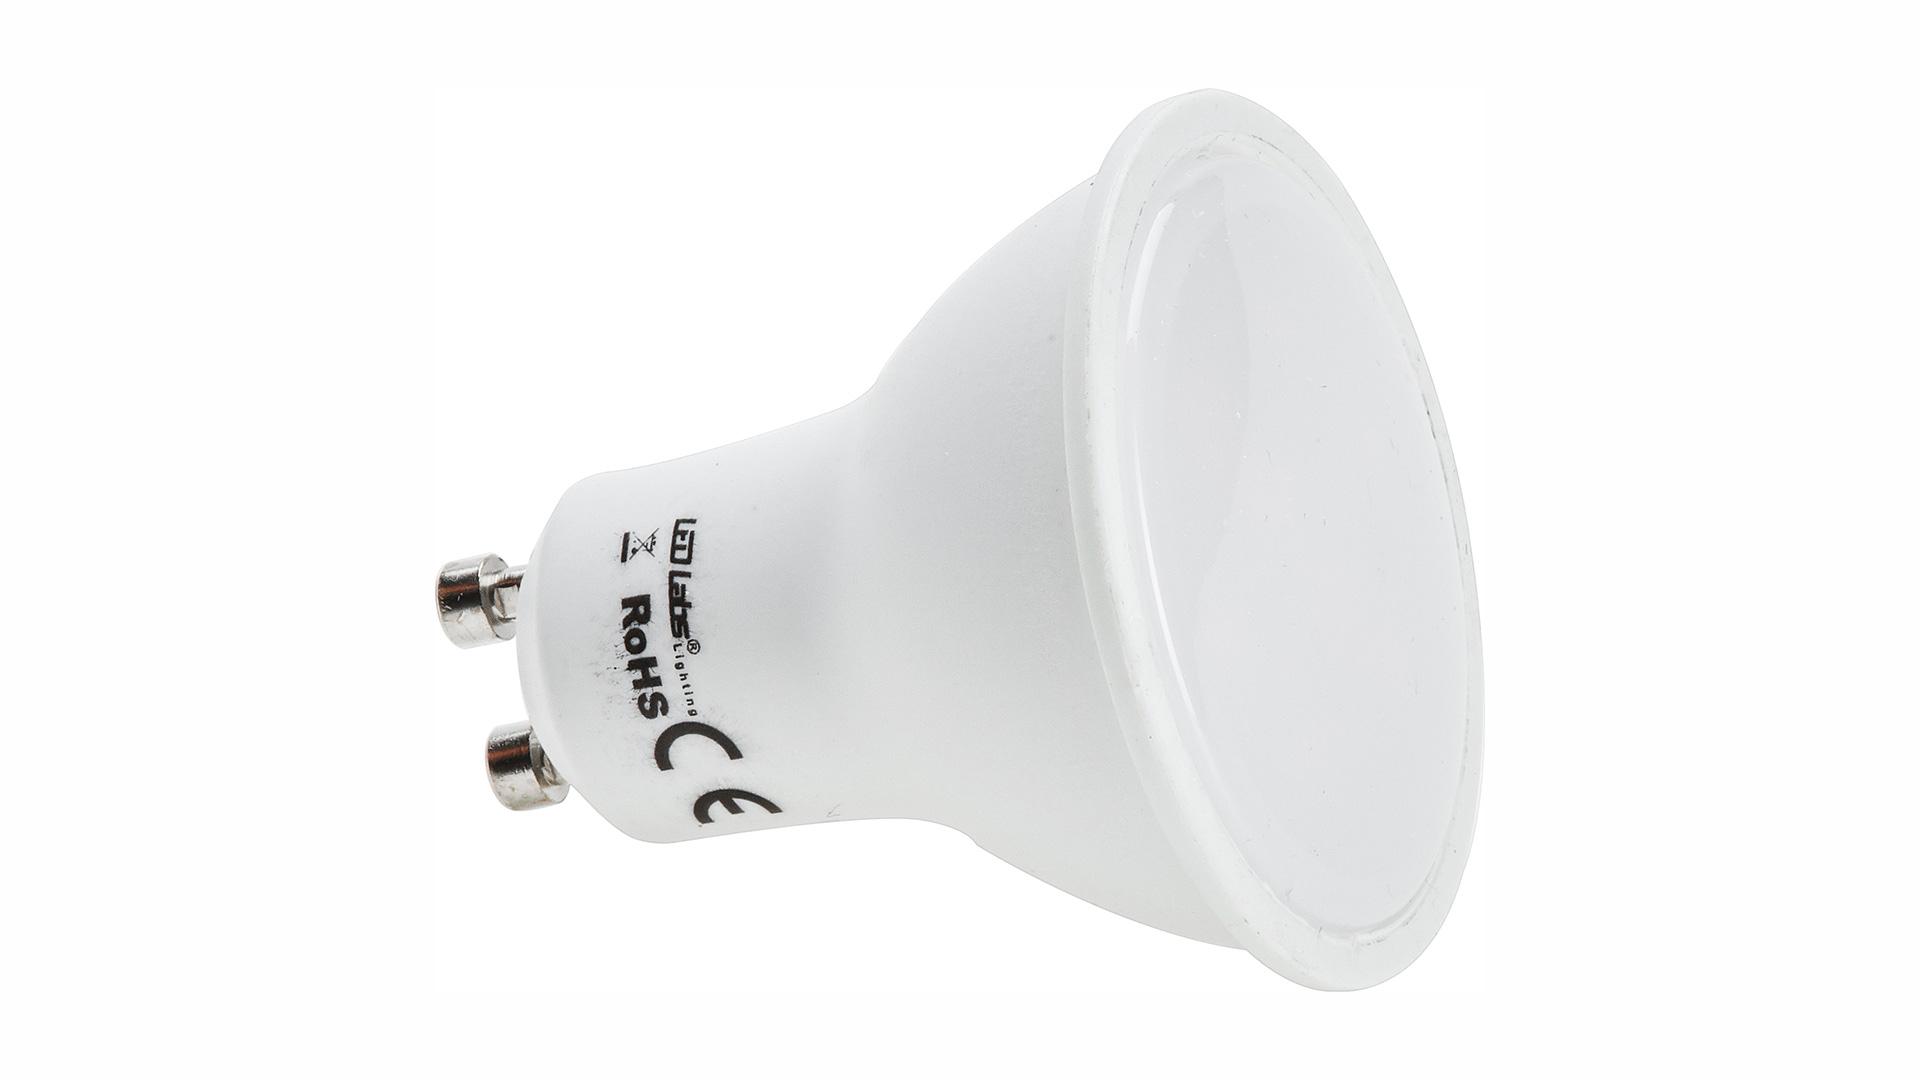 Źródło LED GU10 7W Neutralna